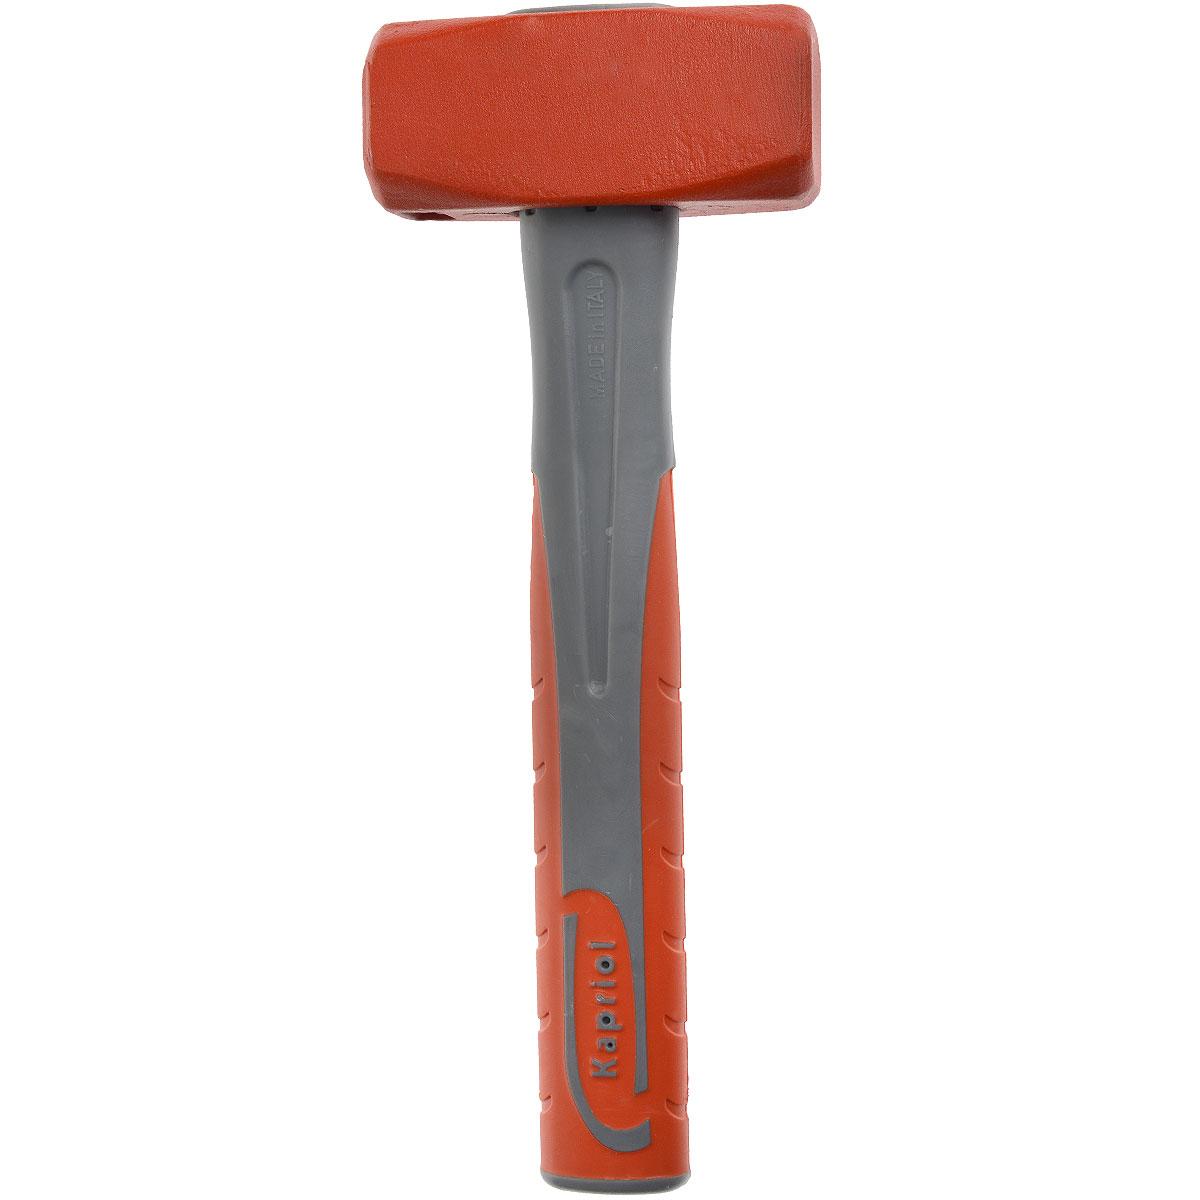 Кувалда Kapriol, длина 28 см, 1200 г. 1015310153Кувалда Kapriol предназначена для нанесения исключительно сильных ударов при обработке металла, на демонтаже и монтаже конструкций. Особенности кувалды:Водоотталкивающие покрытие для работы в любых погодных условиях;Материал головки кувалды - легированная сталь с присадками никеля, хрома и молибдена, что обеспечивает высокую прочность и вязкость;Термическая обработка головки повышает ударопрочность и увеличивает срок службы;Поверхностный слой головки закален, что обеспечивает высокую твердость молотка;Головка соединена с рукояткой с помощью эпоксидного клея;Корпус рукоятки изготовлен из стальной трубы;Эргономичный прорезиненный чехол рукоятки выполняет функцию вибропоглощения;Рукоятка имеет форму соответствующую очертаниям руки, что повышает точность удара и снижает усталость при работе. Характеристики: Материал: сталь, резина, пластик. Длина: 28 см. Вес: 1,2 кг. Размеры кувалды: 28 см х 10,5 см х 4 см.